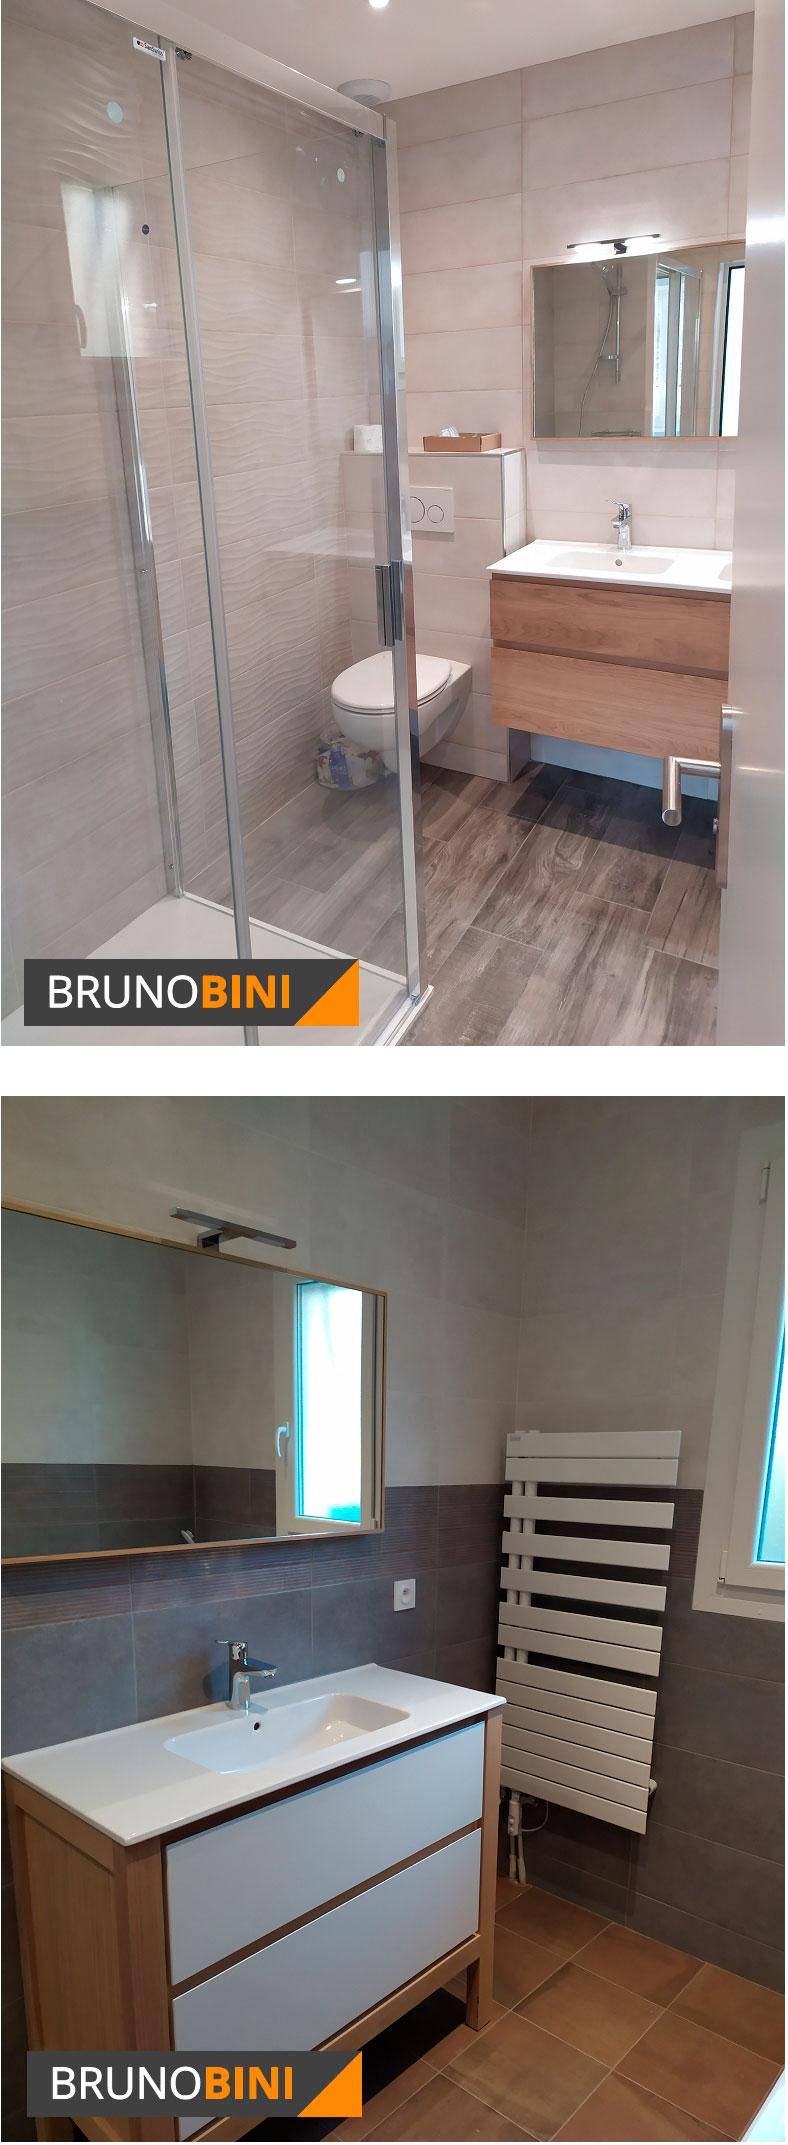 Bruno Bini - projet MAISON DE 1960 à Mâcon